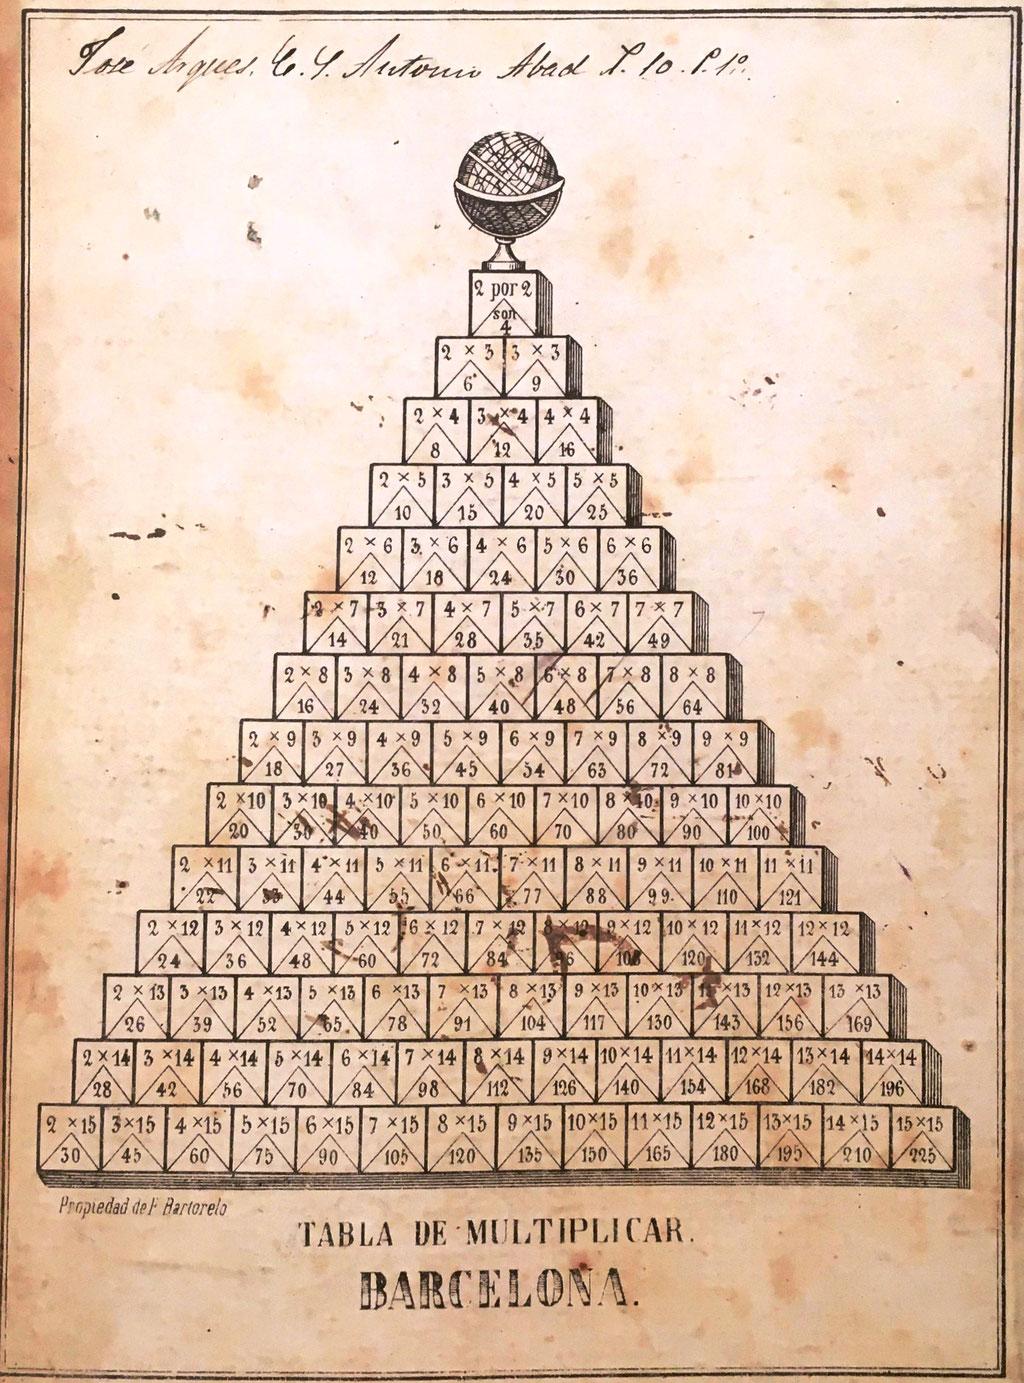 Tabla de Multiplicar, propiedad de F. Bartorelo, Barcelona, hacia 1900, 15x22 cm